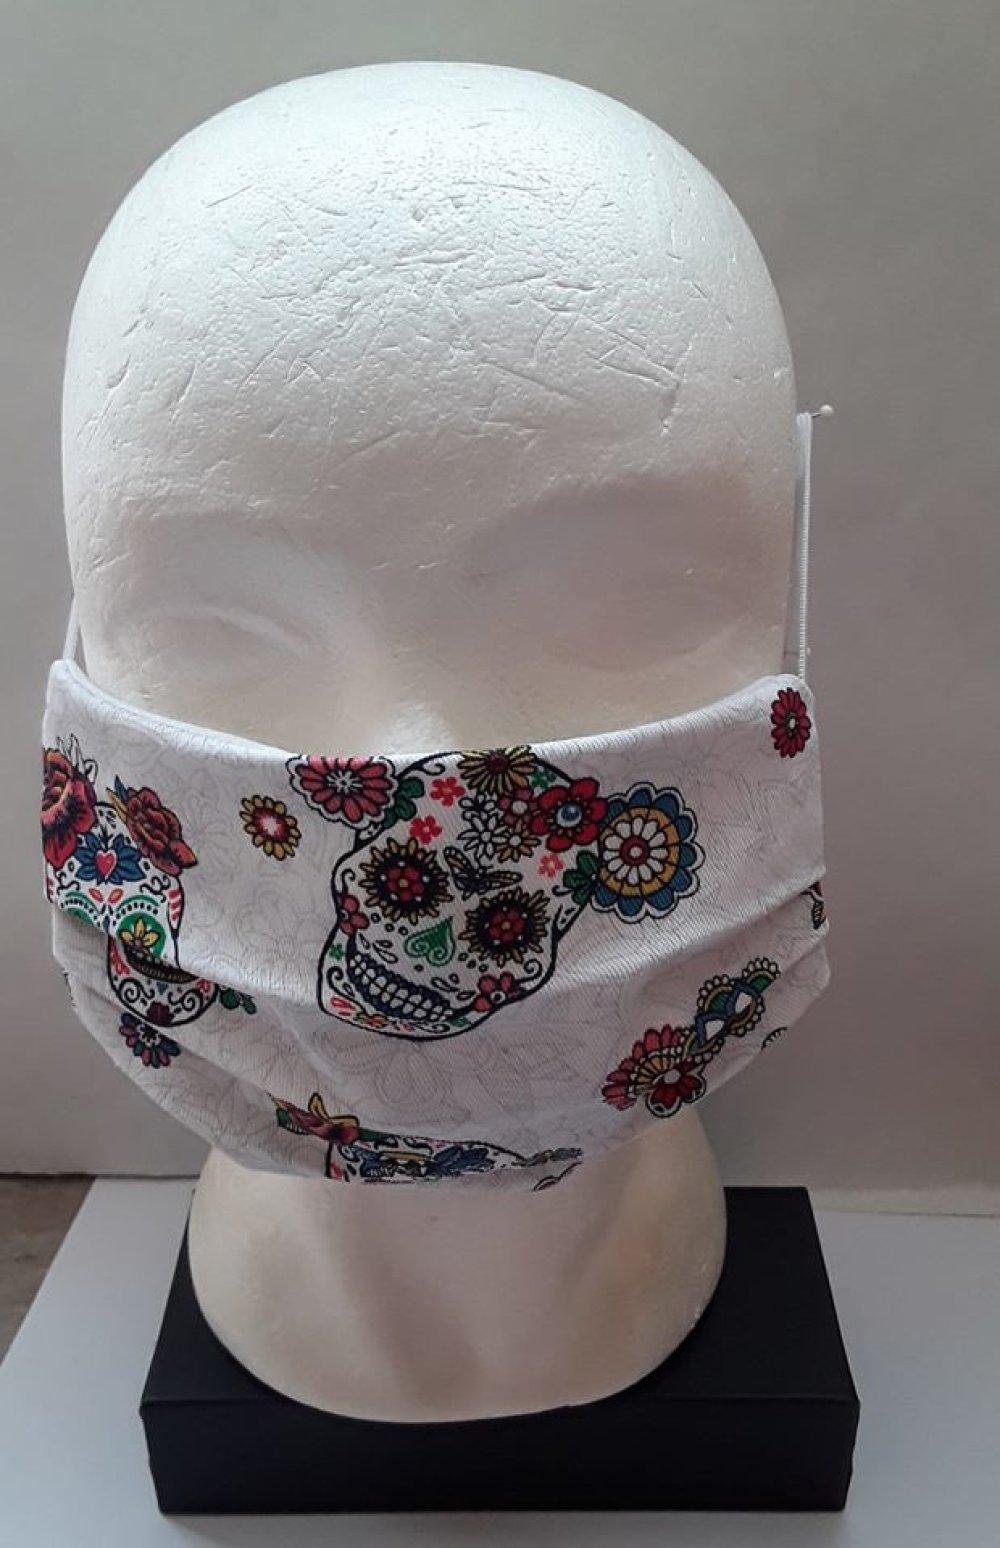 masque visage,CRANES EN FLEURS , de bouche,  protecteur, lavable, protection , coton blanc, lot 2 masques